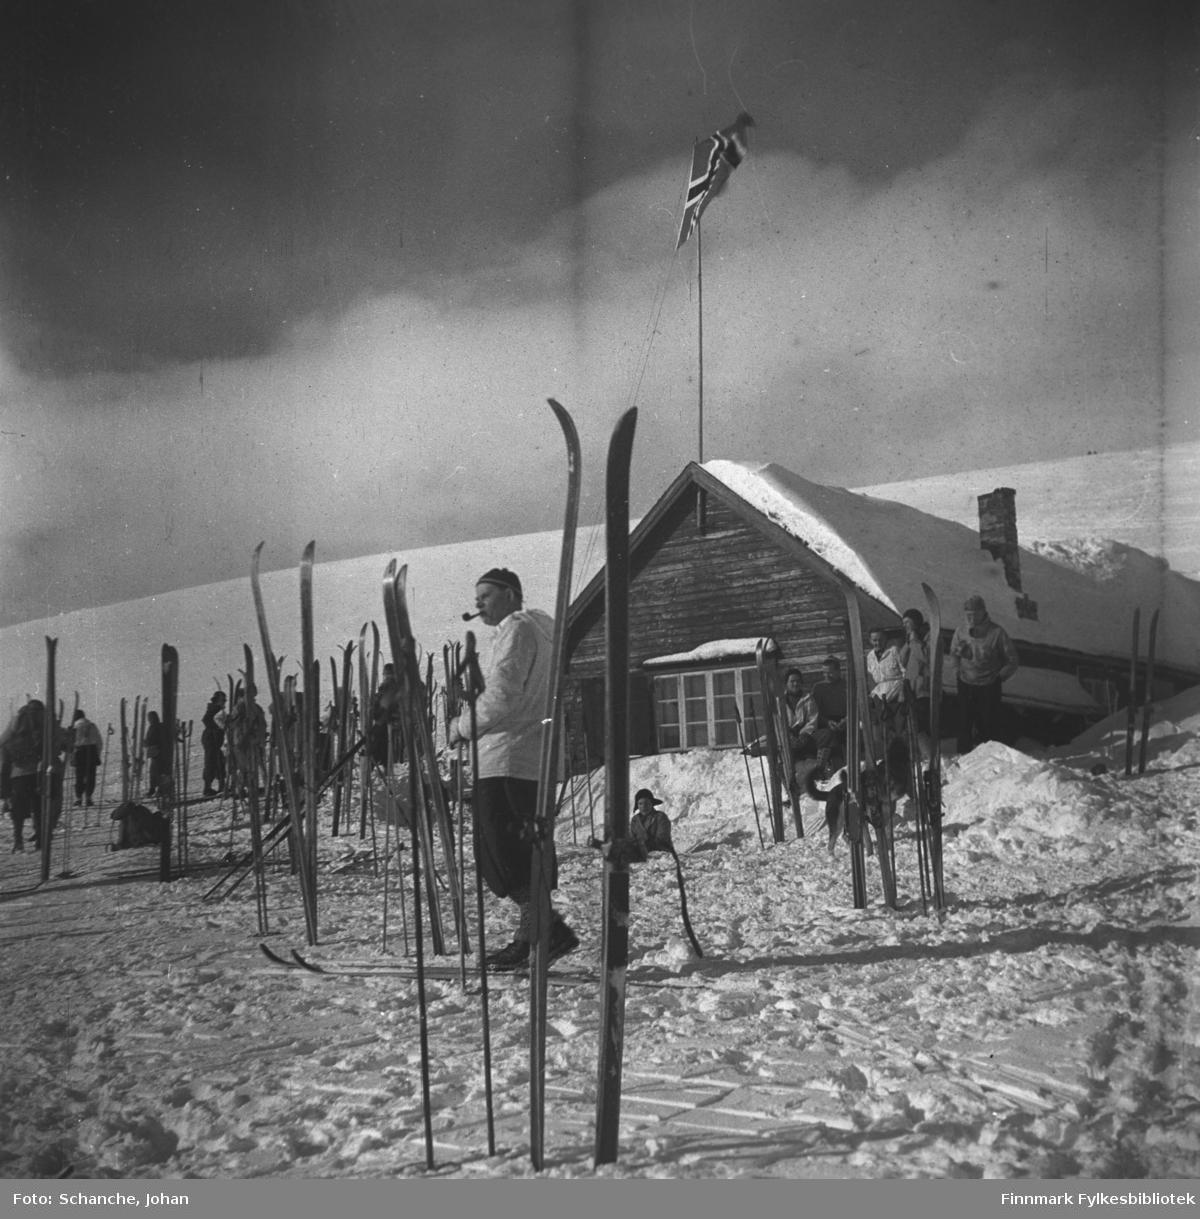 Vinikka skihytte fotografert en solig vårdag i 1946.  Flere skier står oppstillt på snøen rund hytta. Flaggen er heist opp og det går folk i anorakk bland skiene. Fremst på bildet står en mann og røyker pipa.